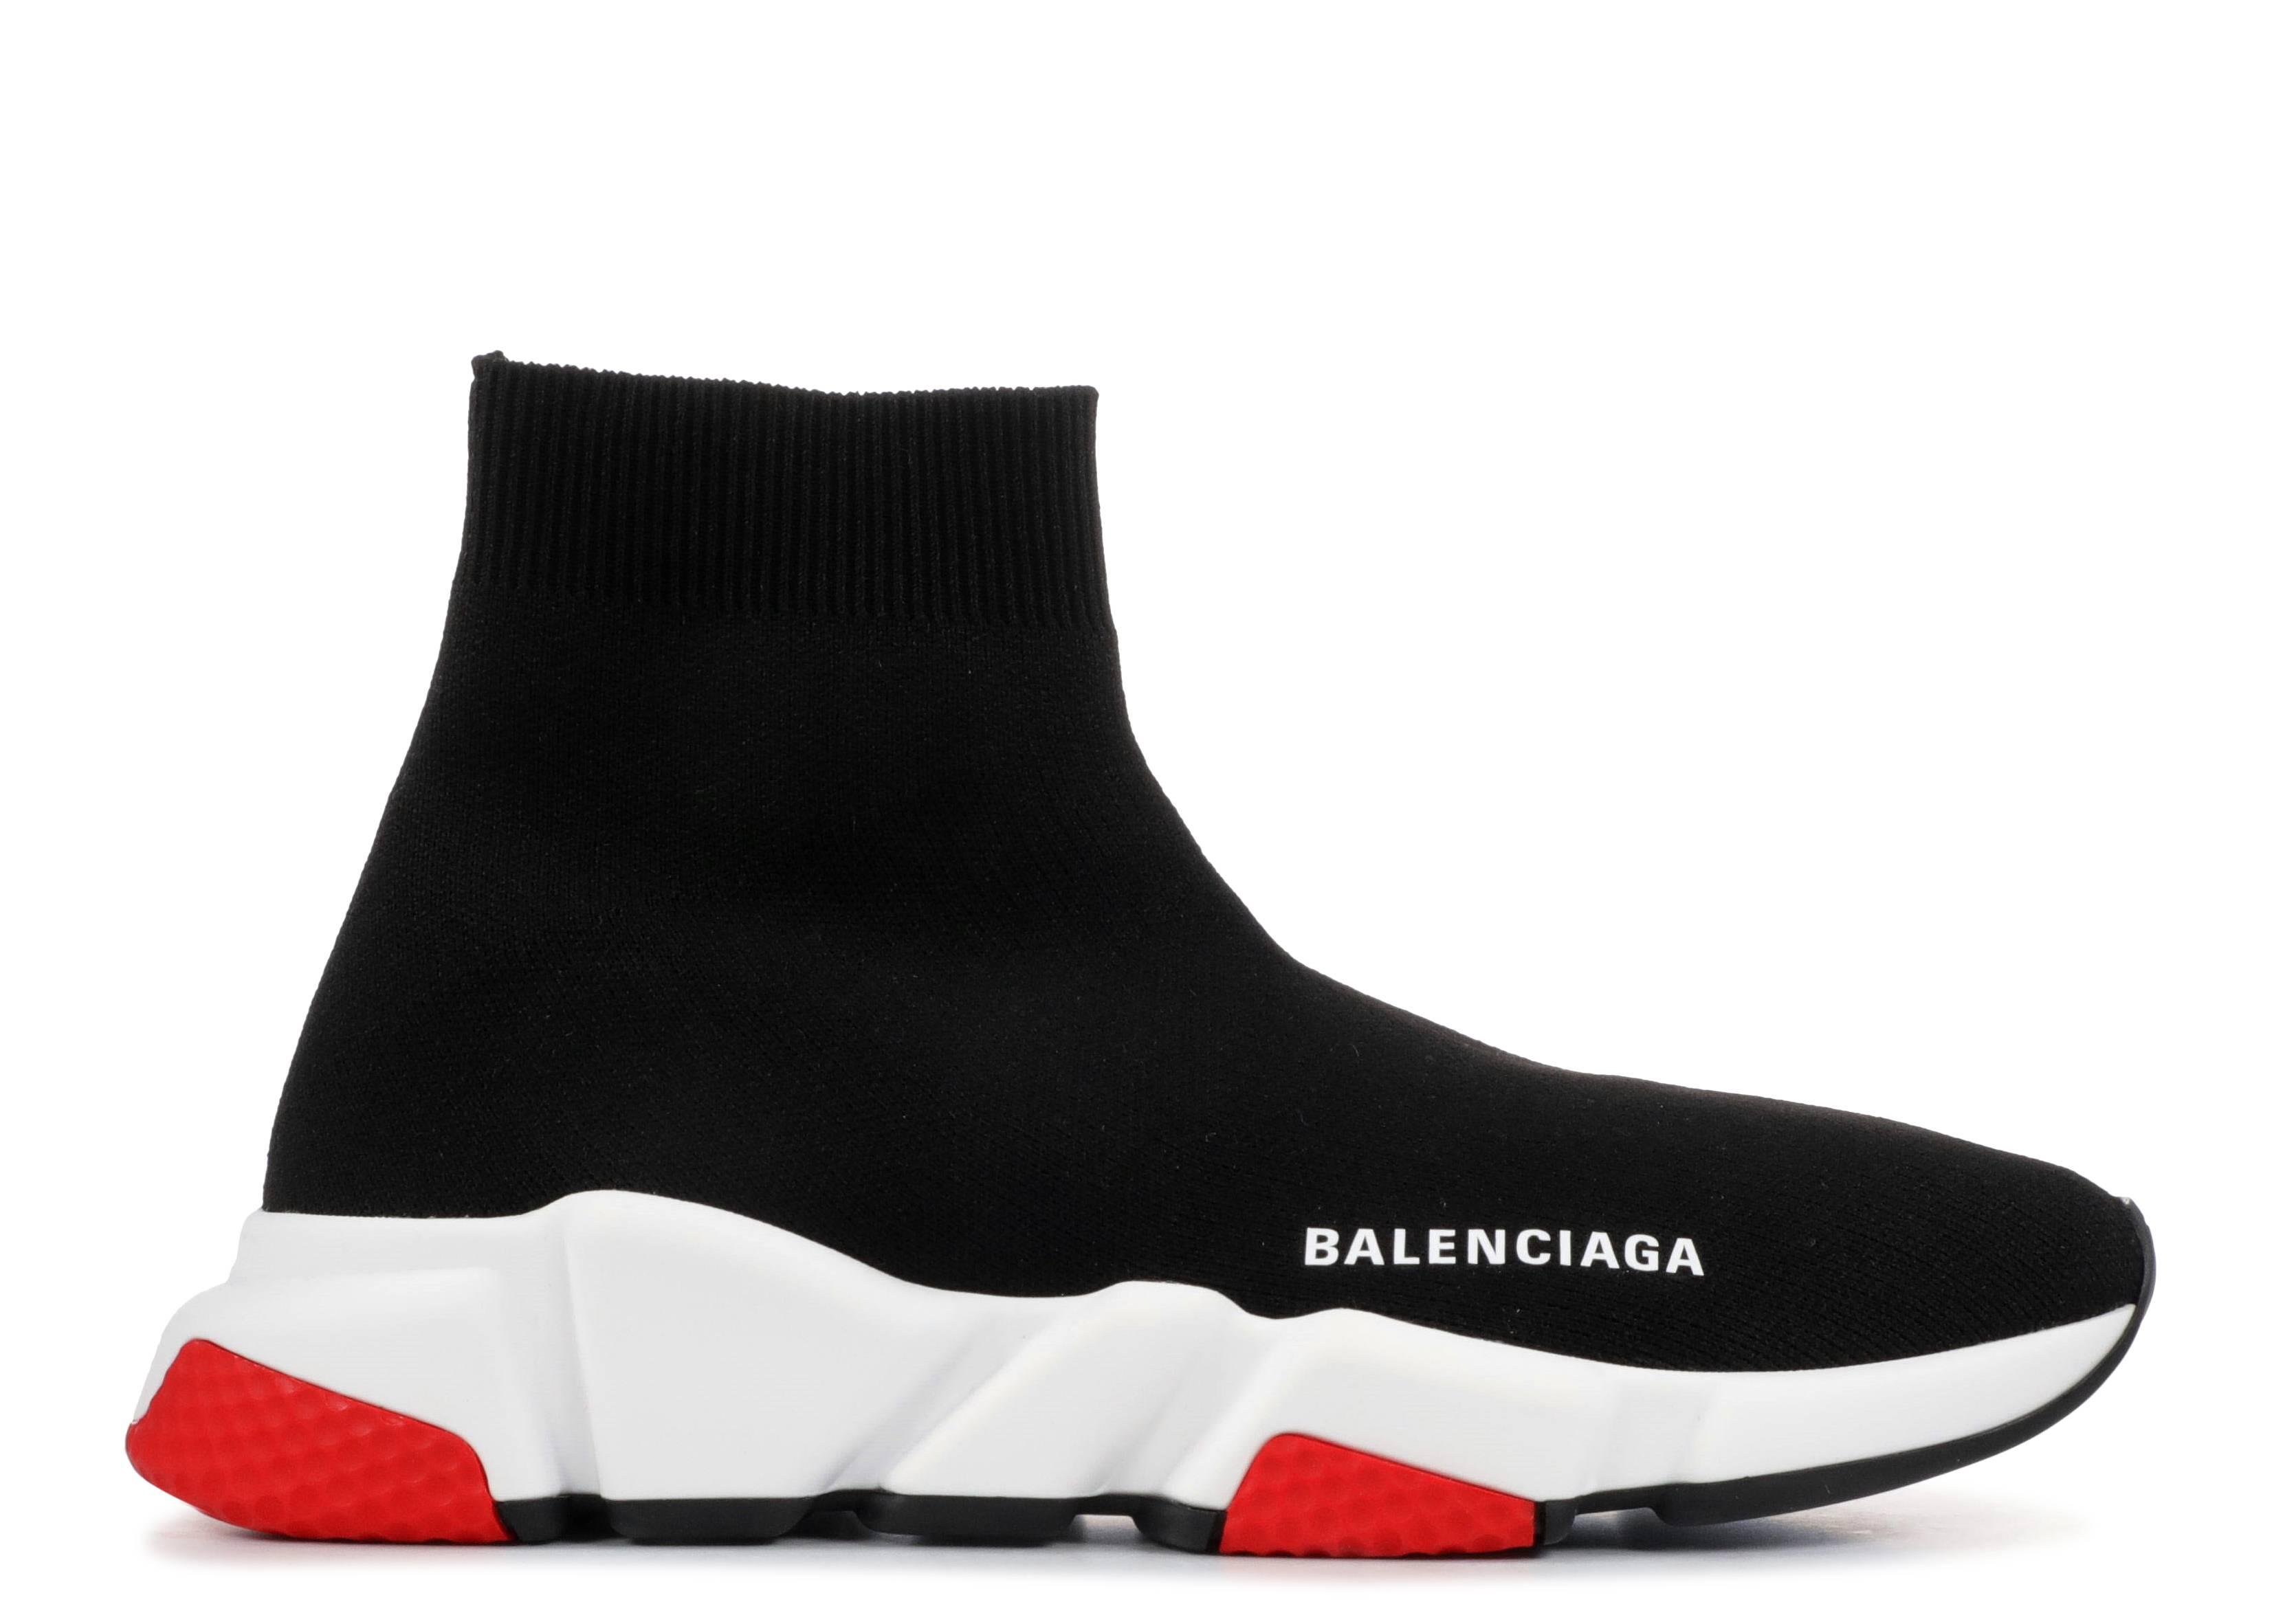 75cb6afdb77b Balenciaga Speed Trainer - Balenciaga - 525715w05g01000 - black ...